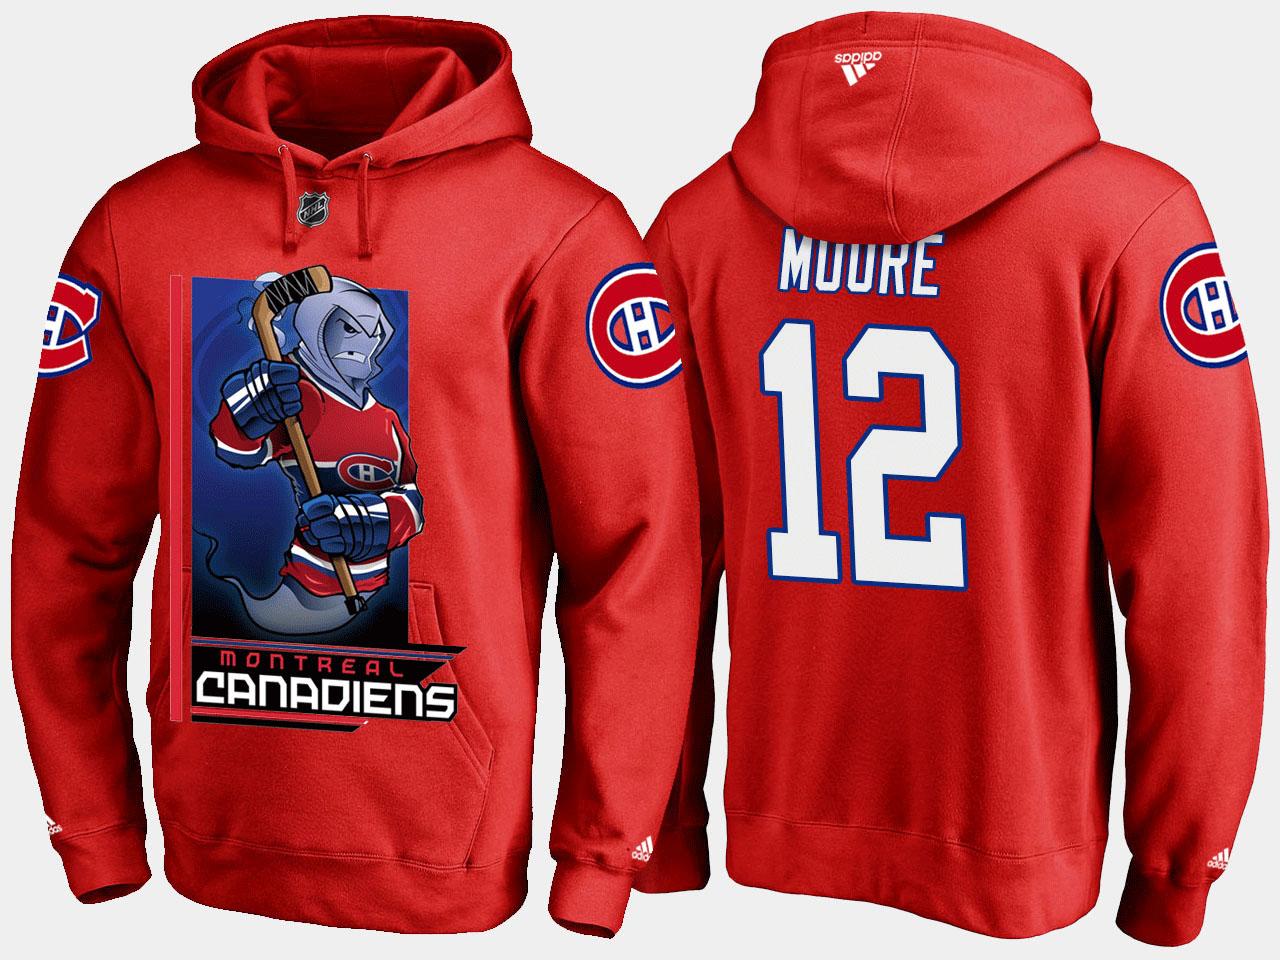 Men's Red Montreal Canadiens Dickie Moore Cartoon Hoodie